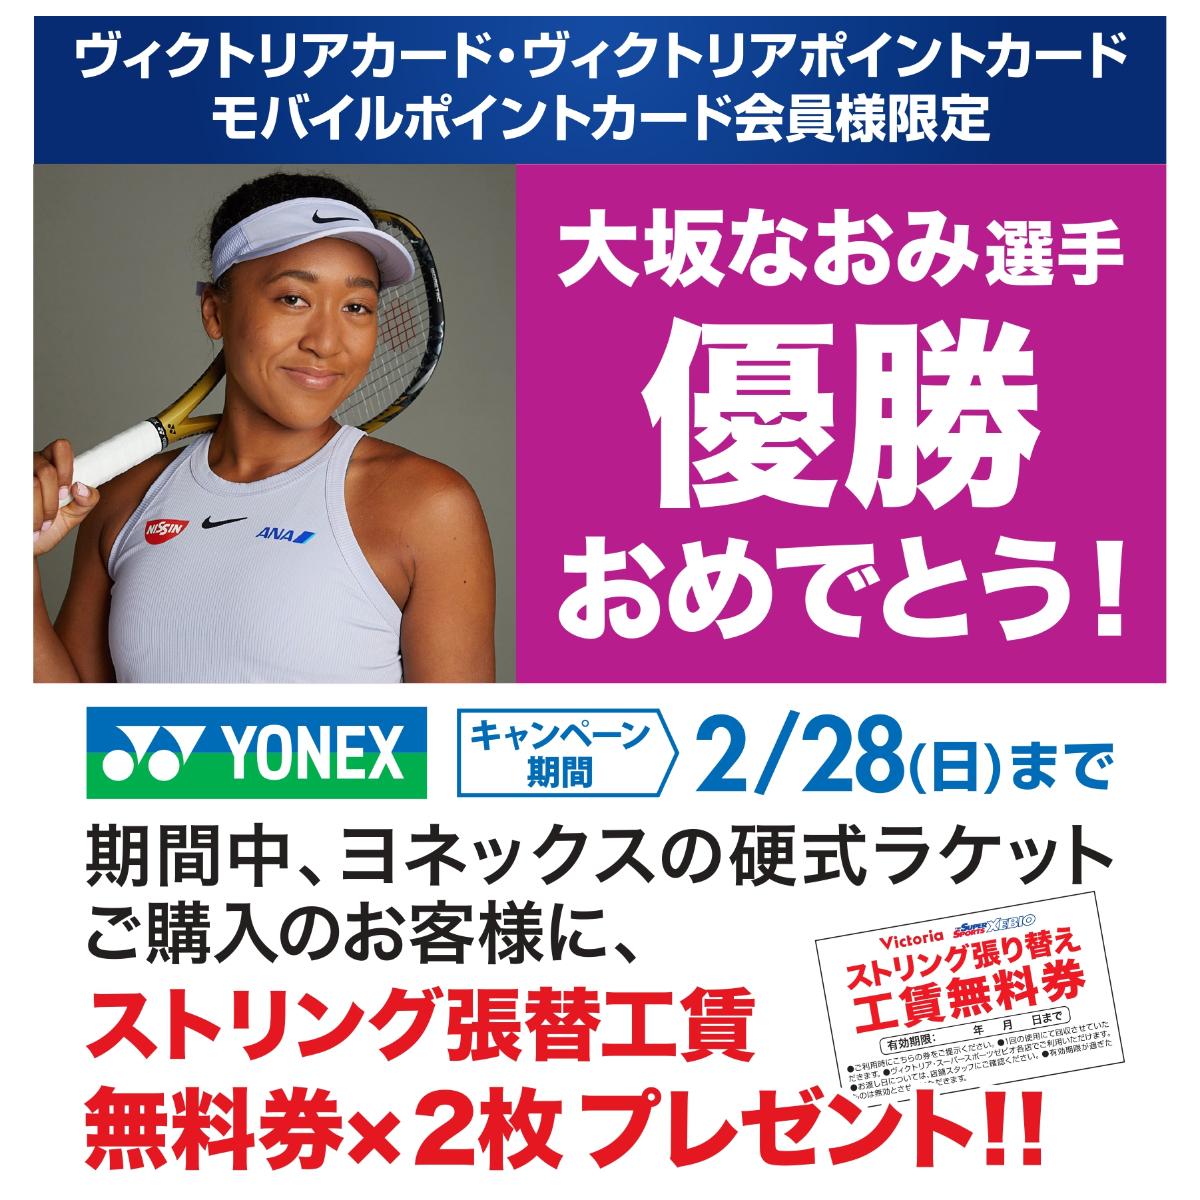 【店舗限定企画】大坂なおみ選手優勝おめでとうキャンペーン